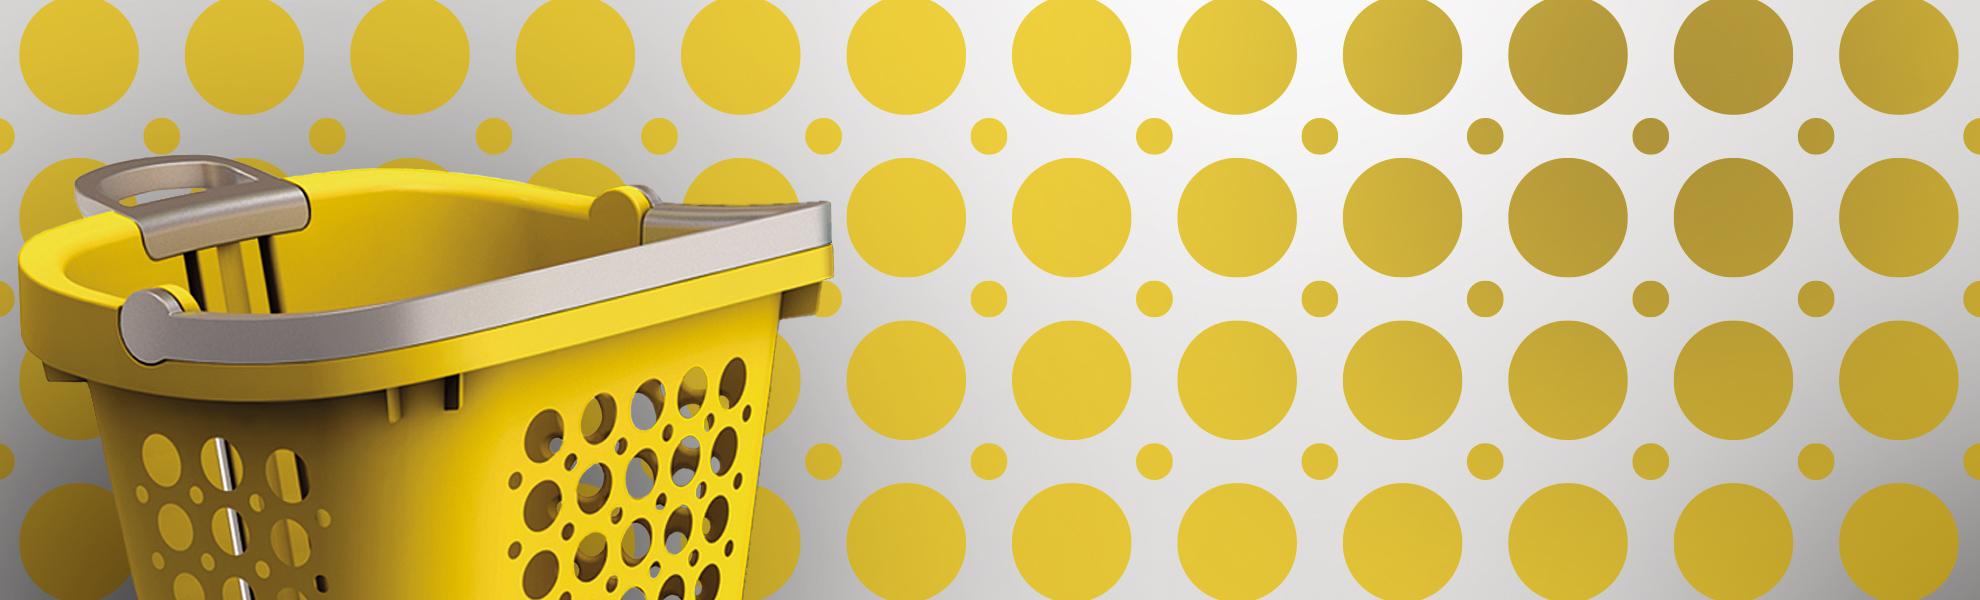 chelles-e-hayashi-design-portfolio-pnaples-smarkt-produto-linguagem-identidade-grafico-estrutural